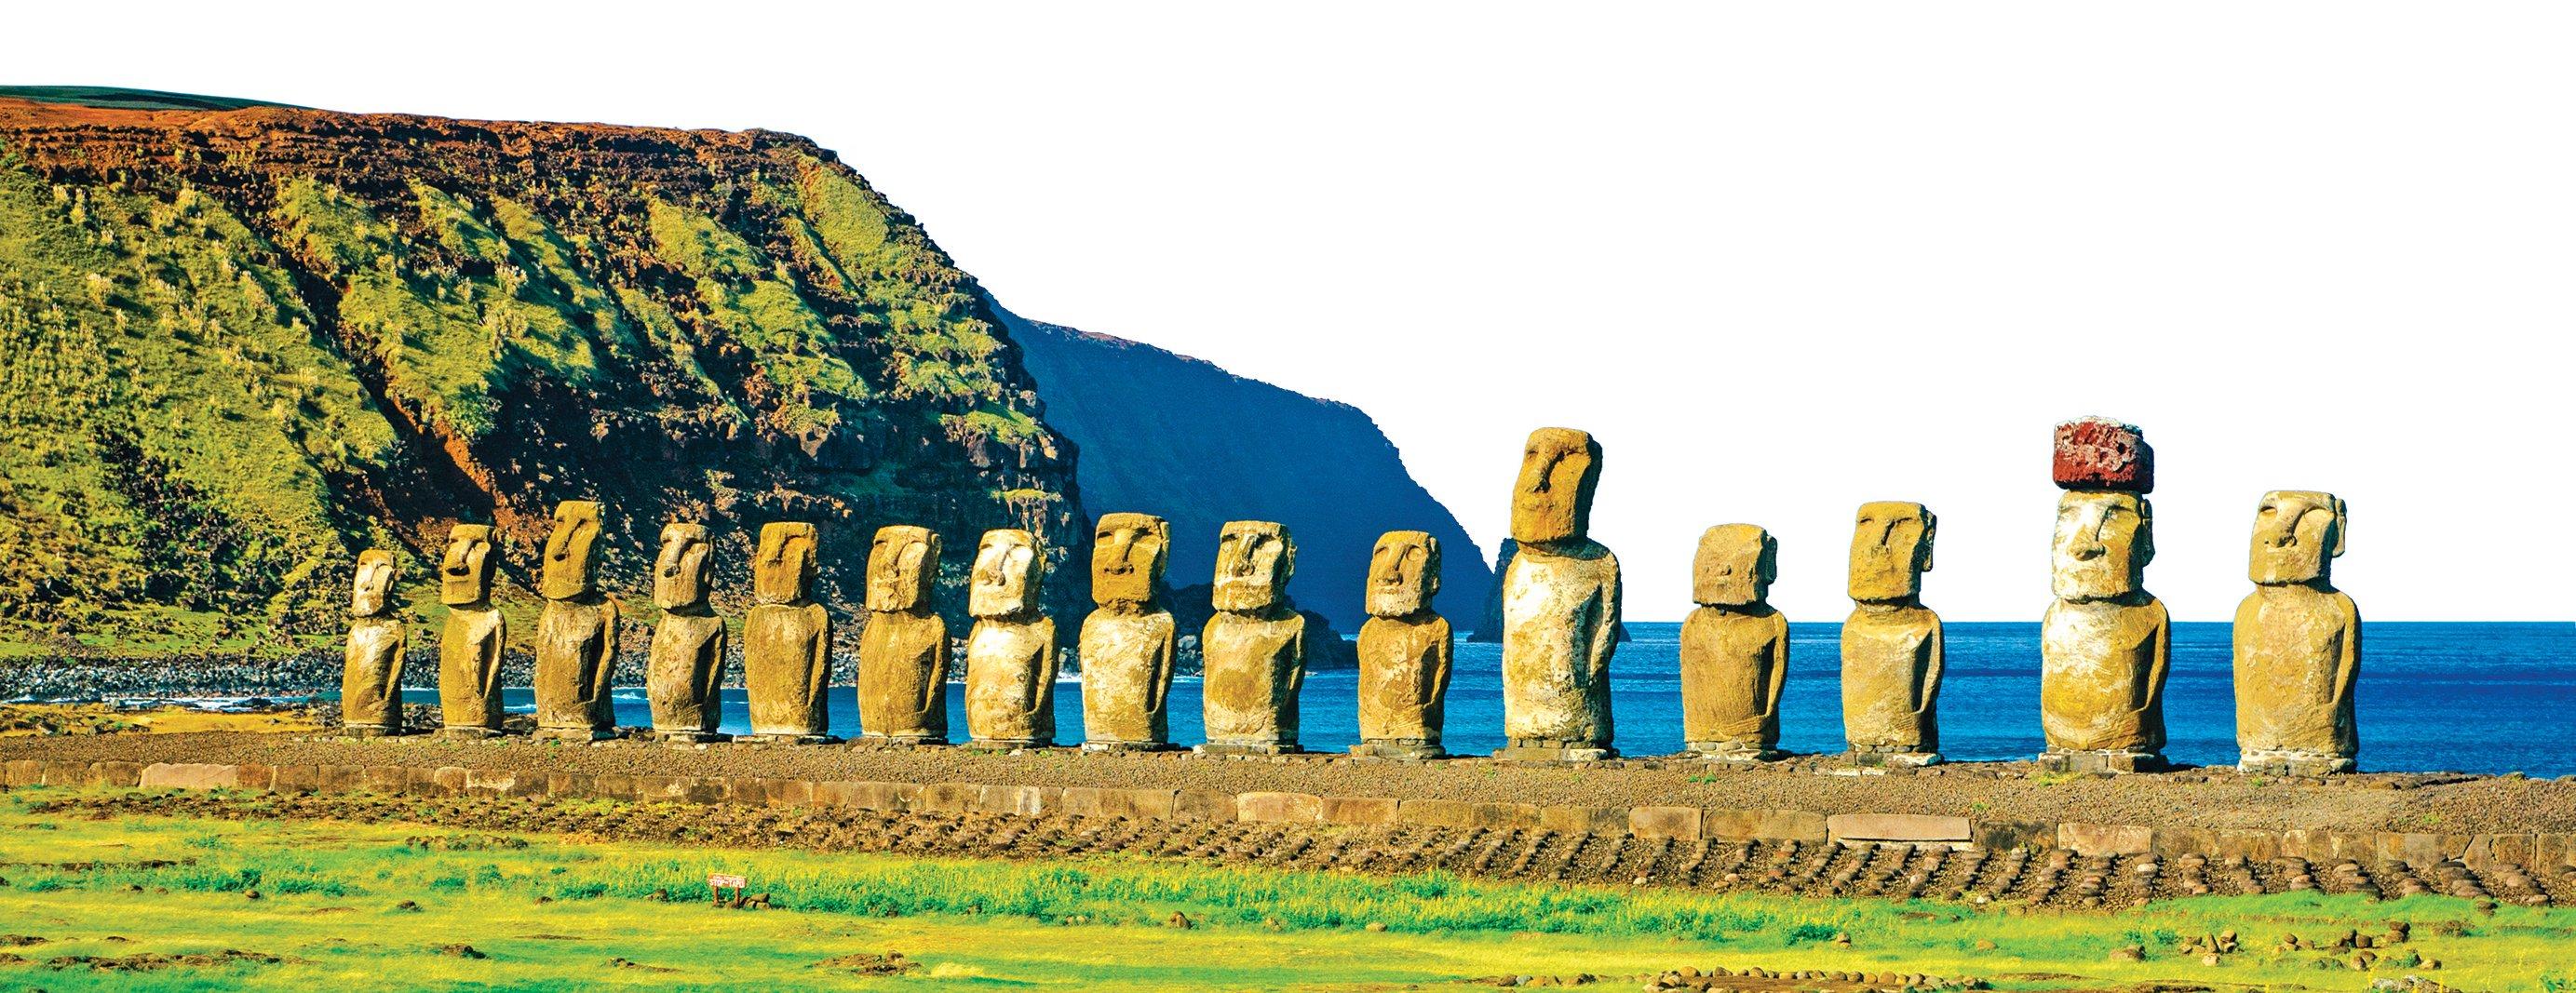 一整排背海的完整摩埃像,面向村子,彷彿在守護著居民。(Kristopher Kettner/Shutterstock)